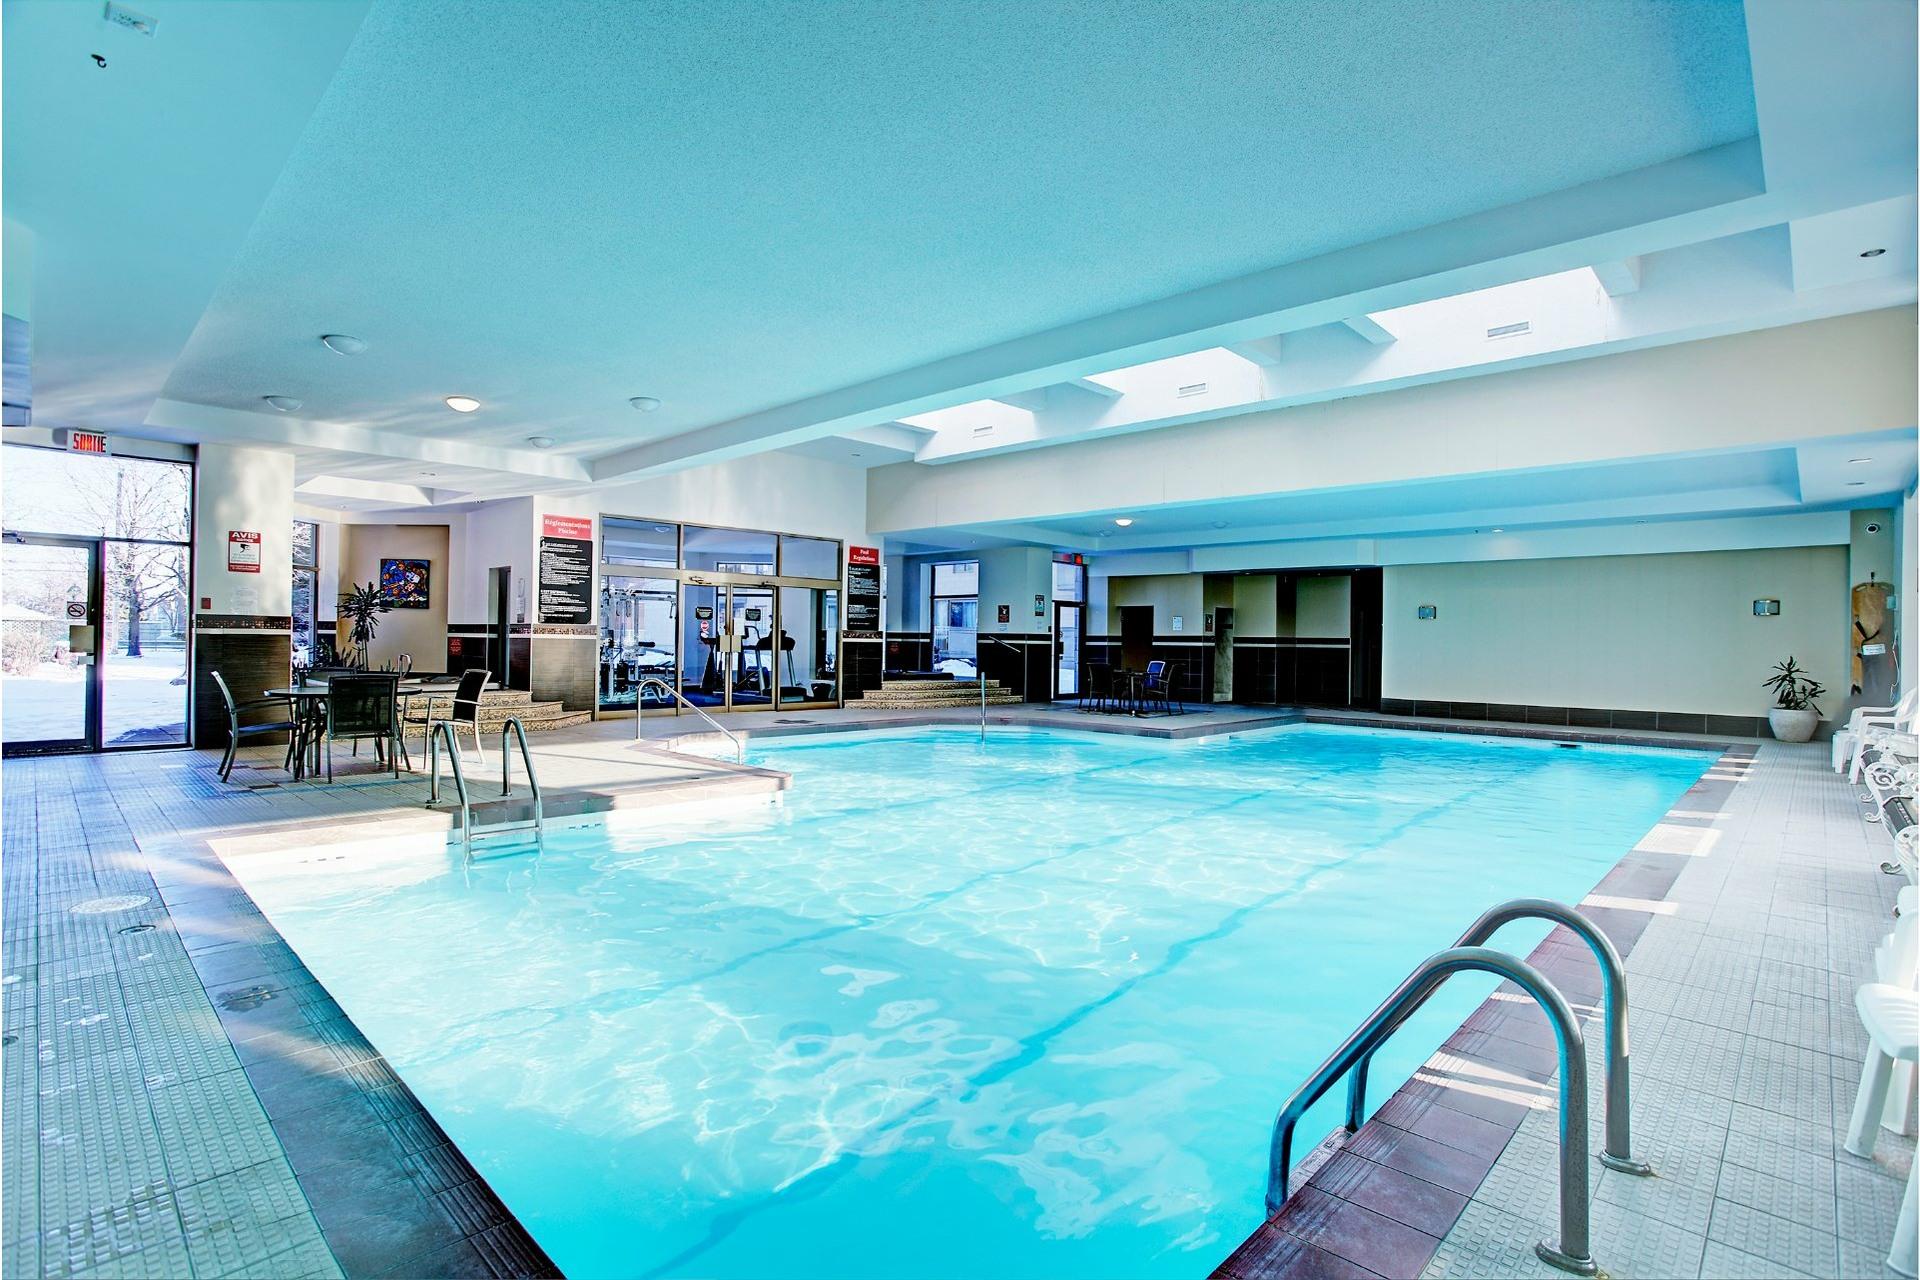 image 26 - Apartment For rent Saint-Laurent Montréal  - 8 rooms